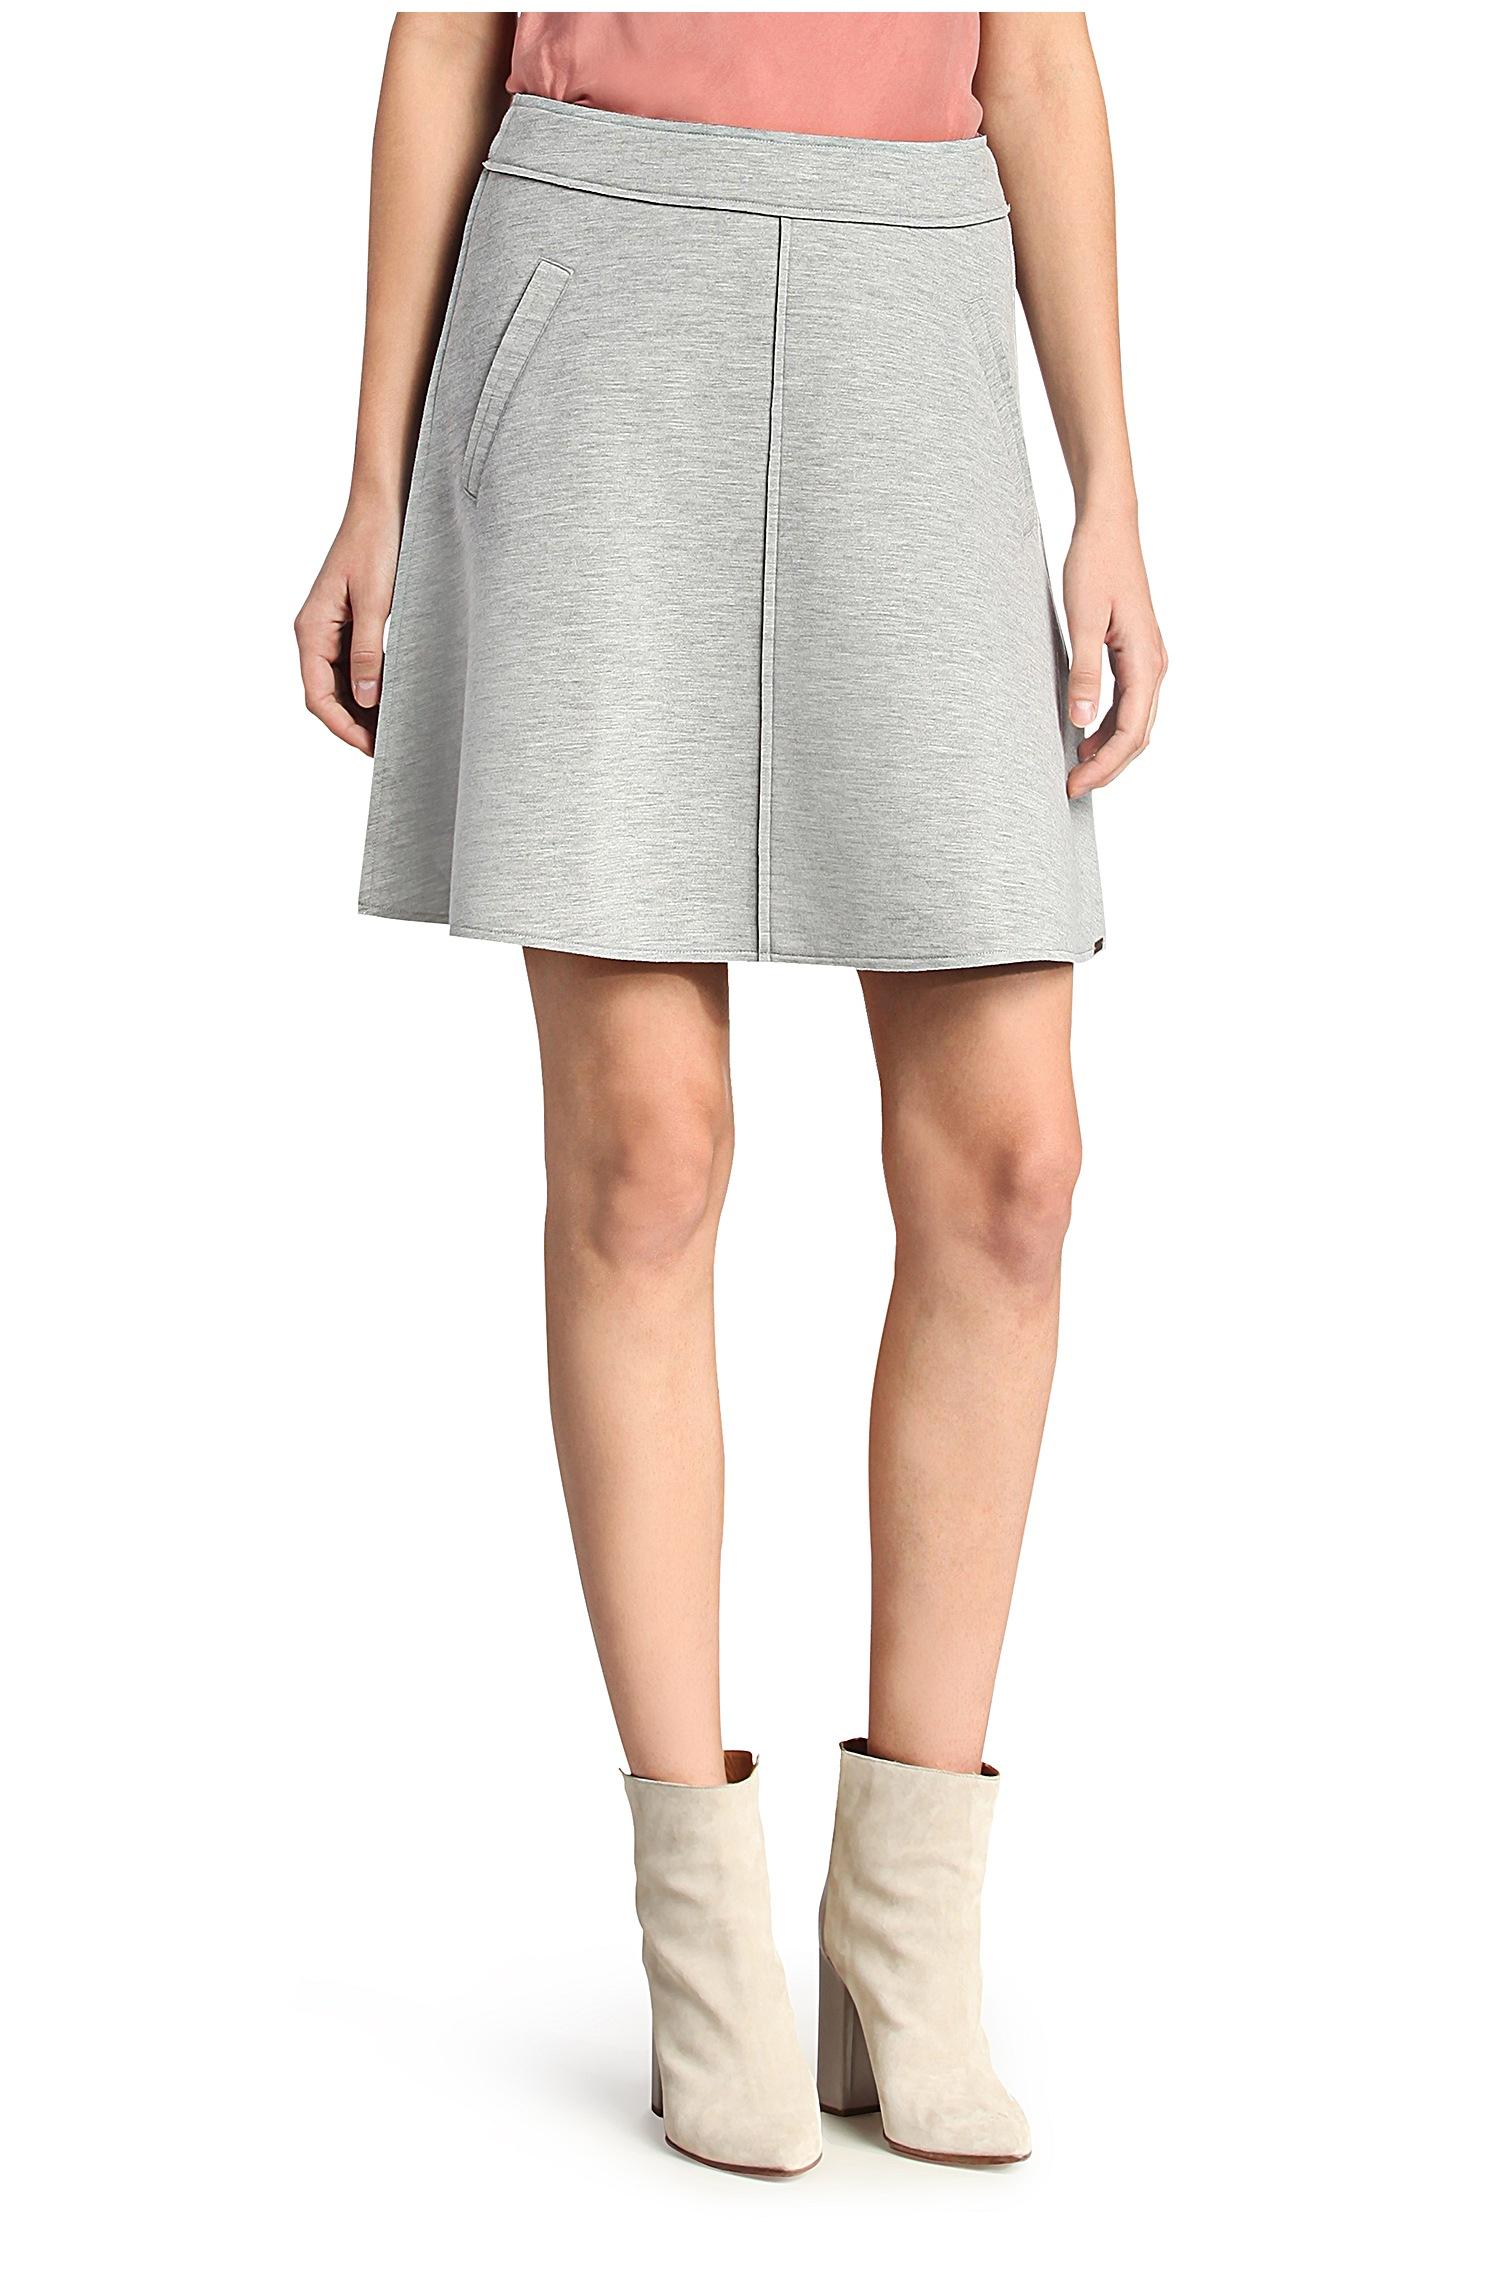 Boss orange Short Flared Skirt In A Fabric Blend: 'taskirt' in ...